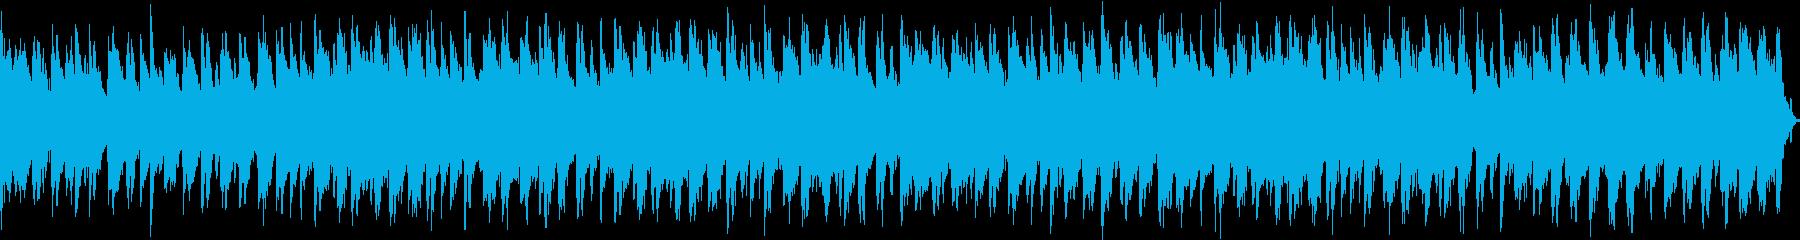 何でもない日々のボサノバの再生済みの波形